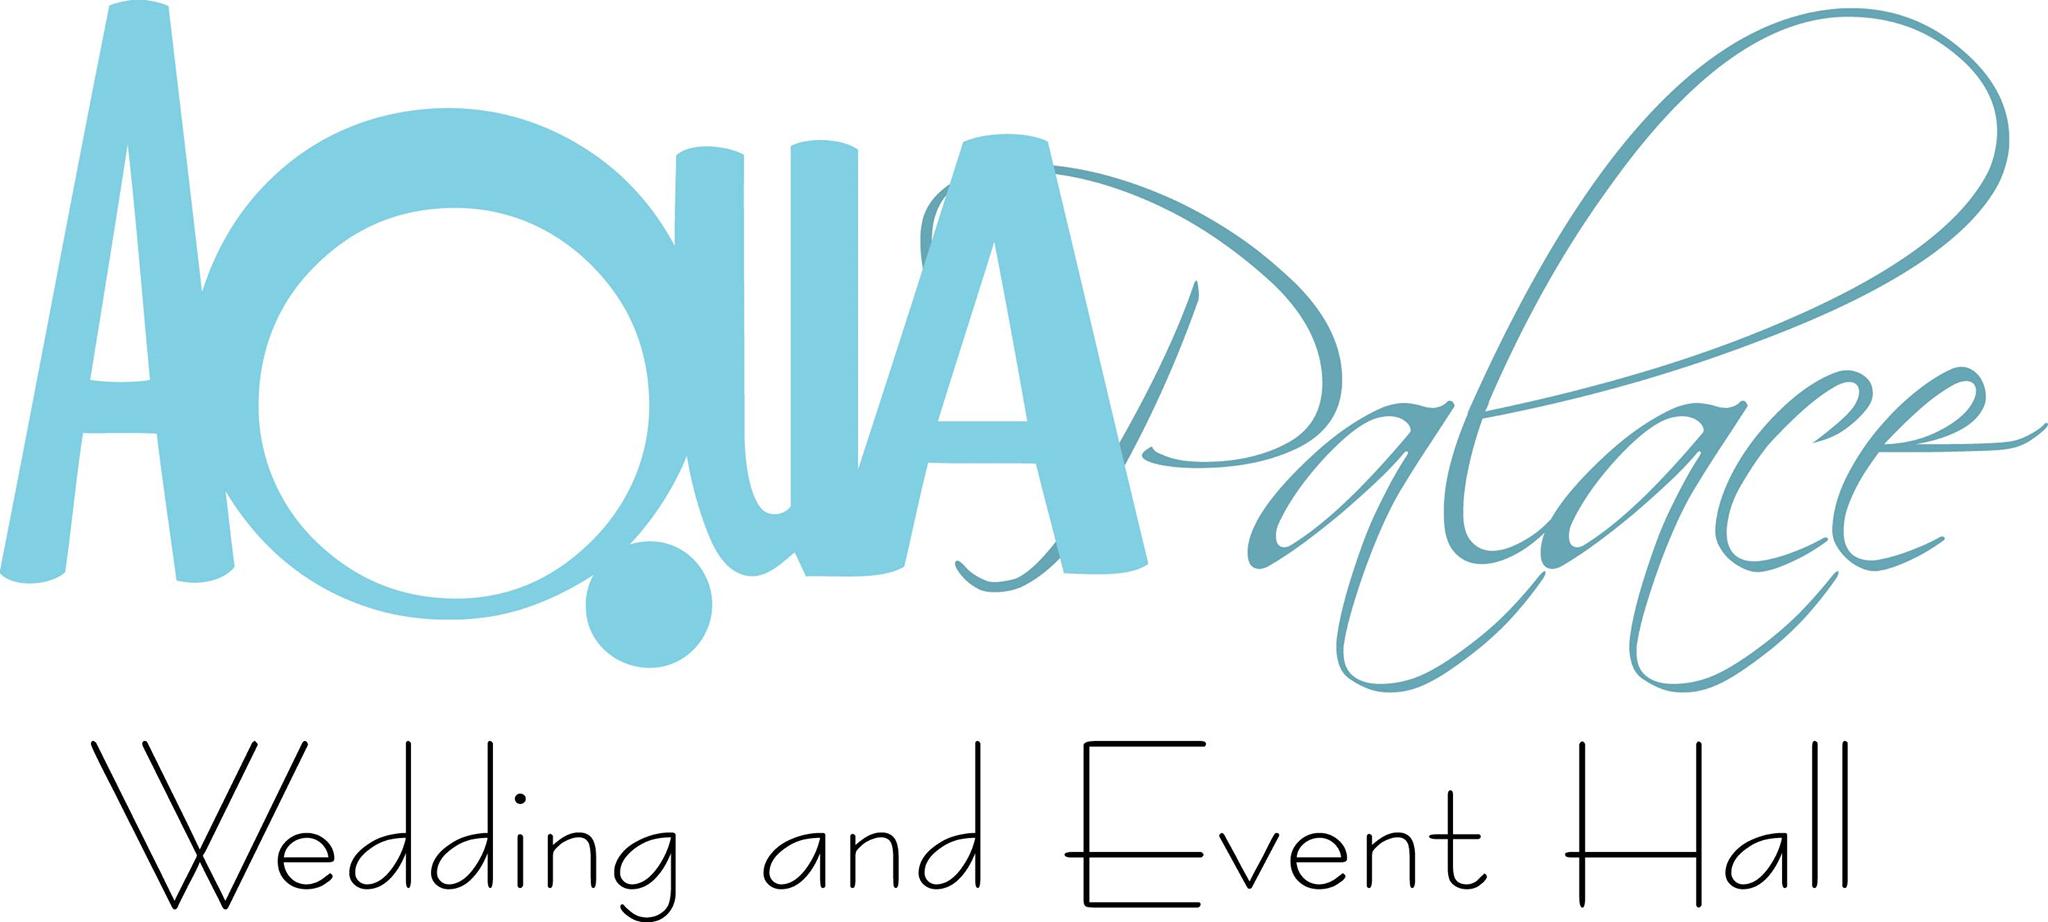 Trung Tâm Yến Tiệc & Hội Nghị Aqua Palace